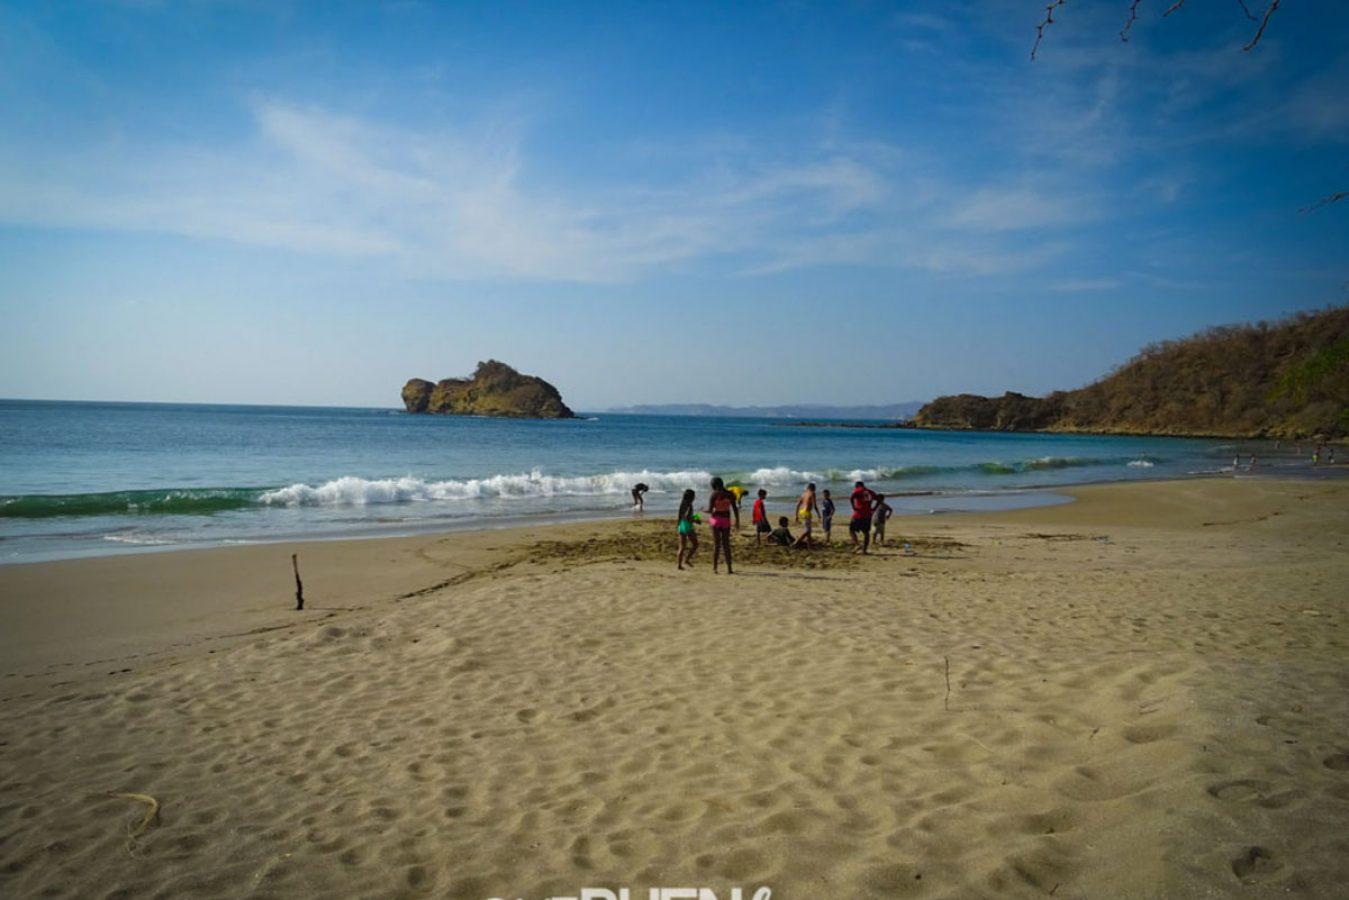 PlayasLaCruz